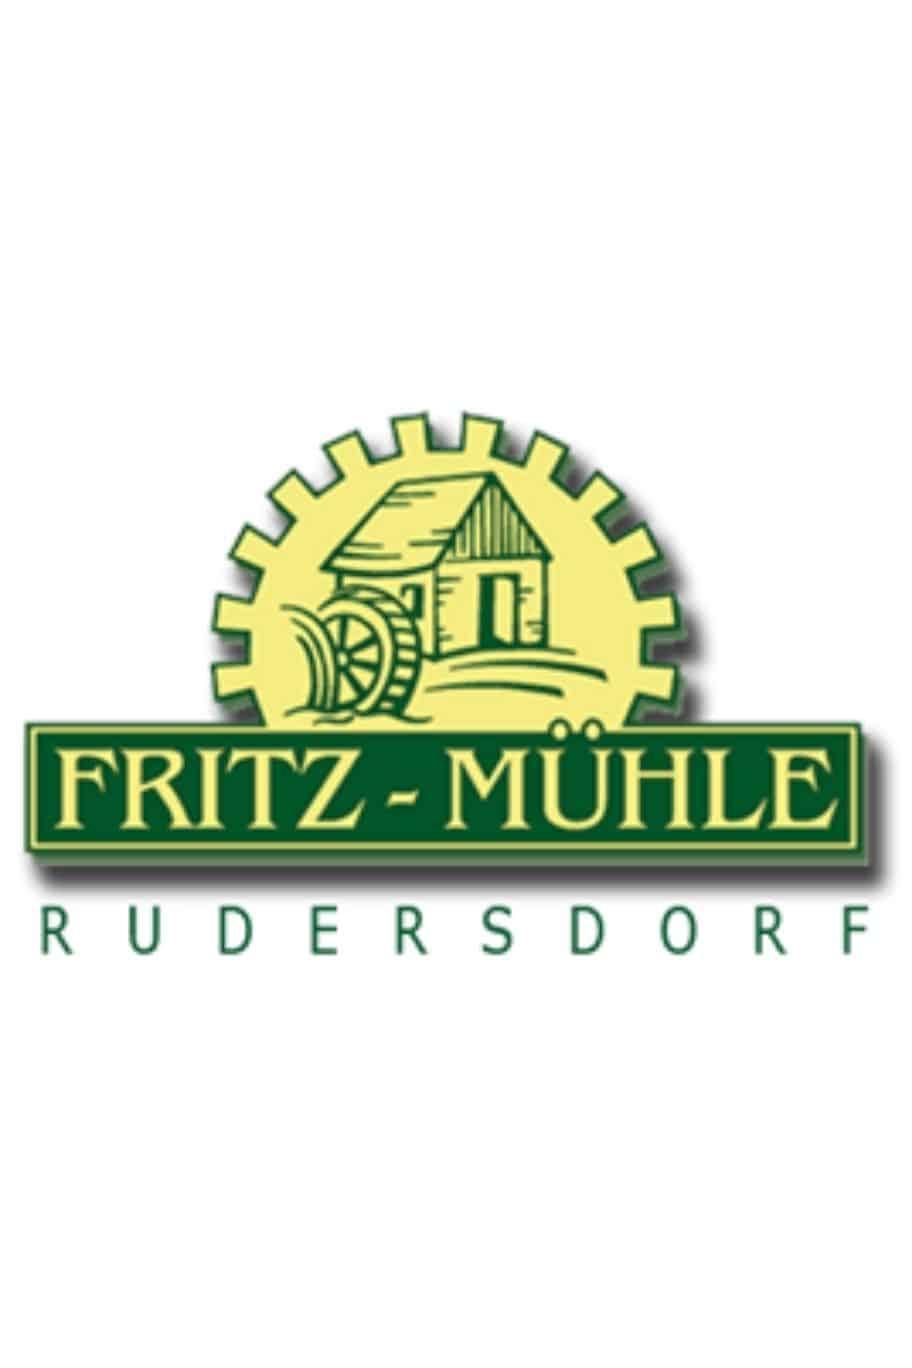 olmuhlefritz.jpg